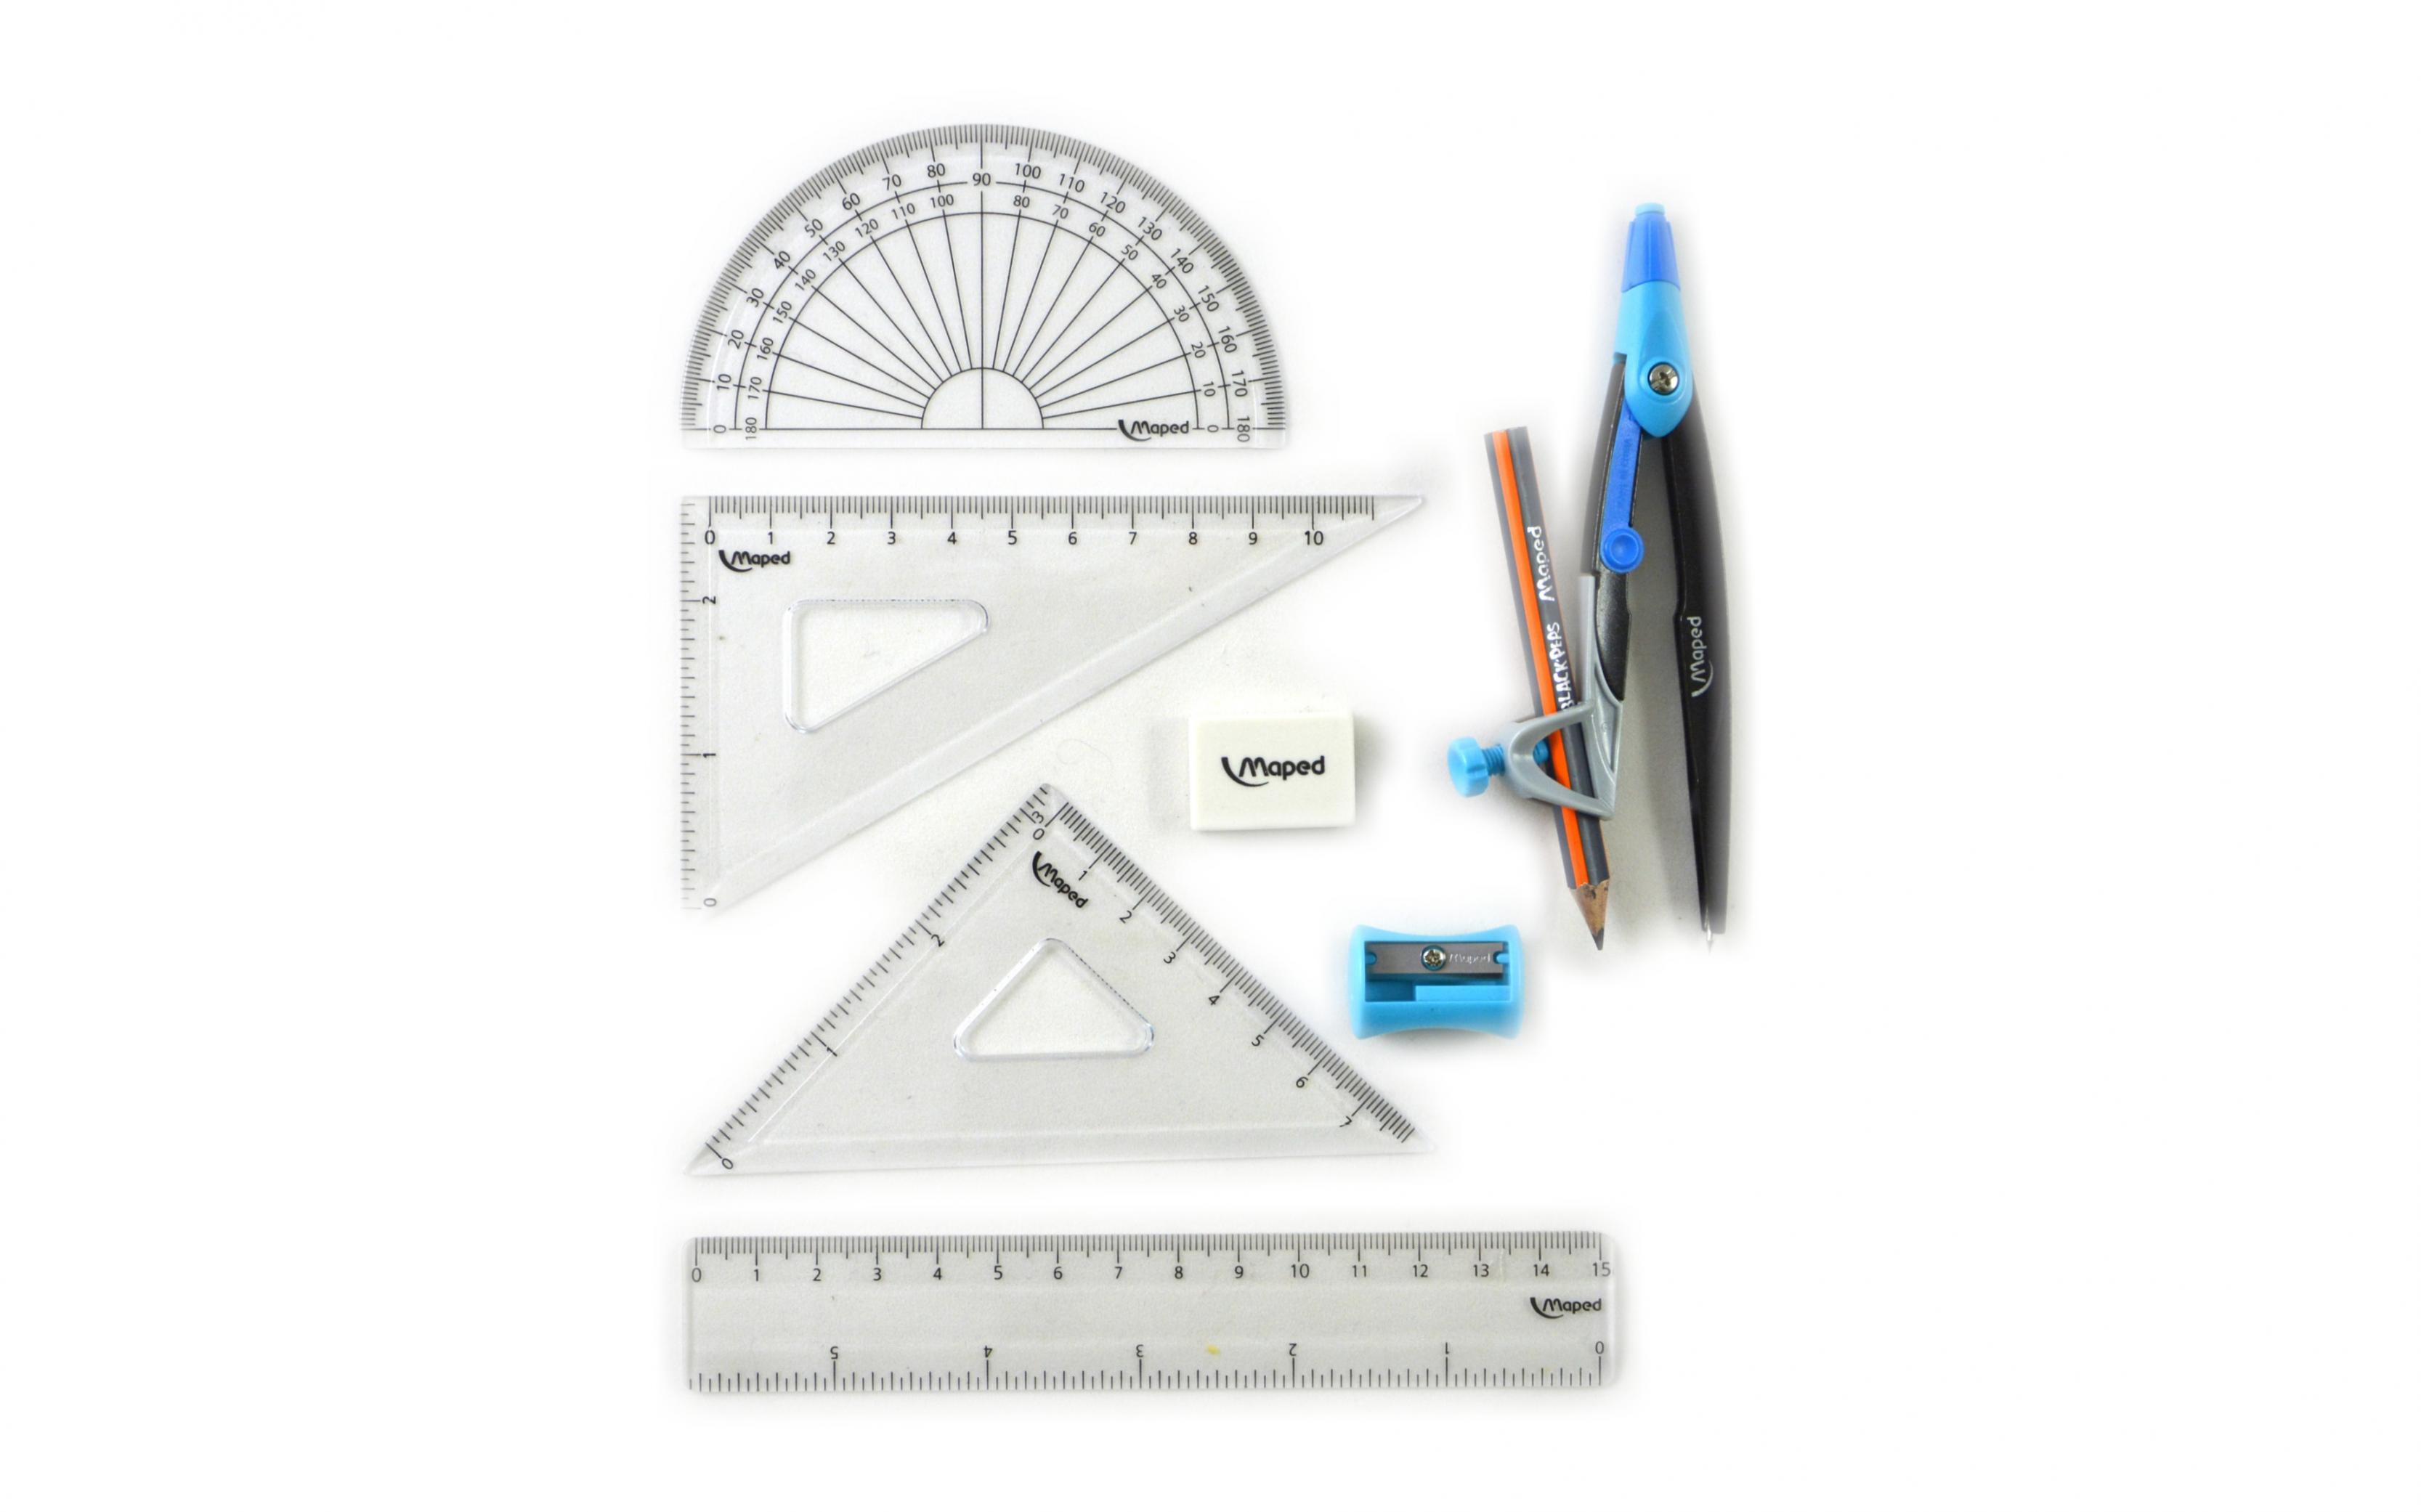 بالصور ادوات هندسية , مستلزمات هندسية 2406 1